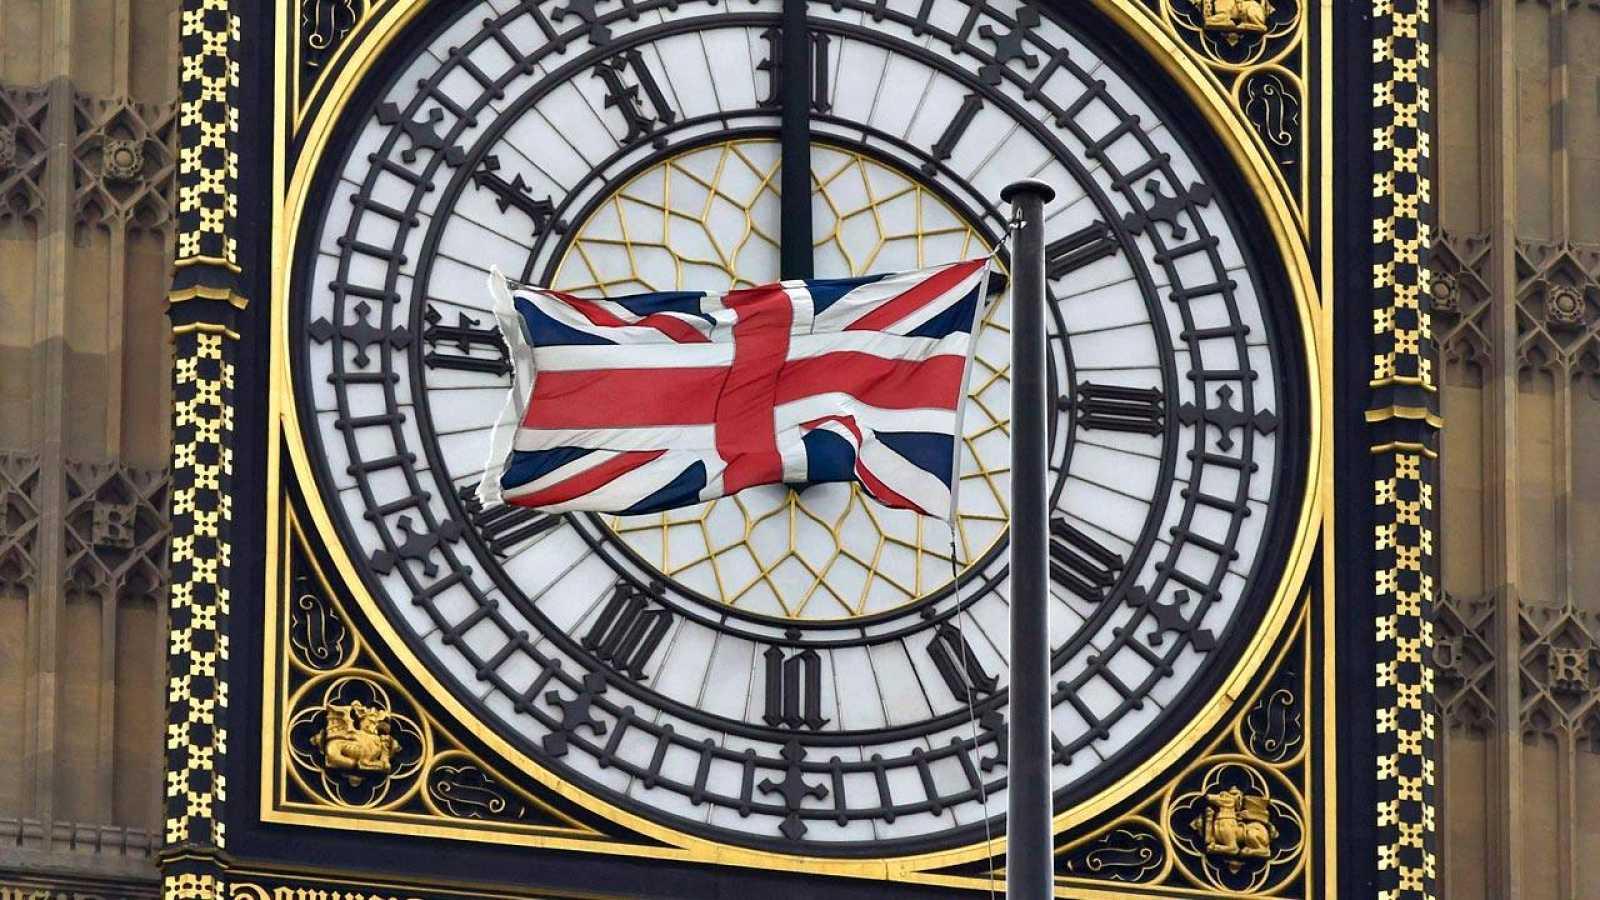 La bandera de Reino Unido ondea delante del 'Big Ben', ante el Parlamento británico